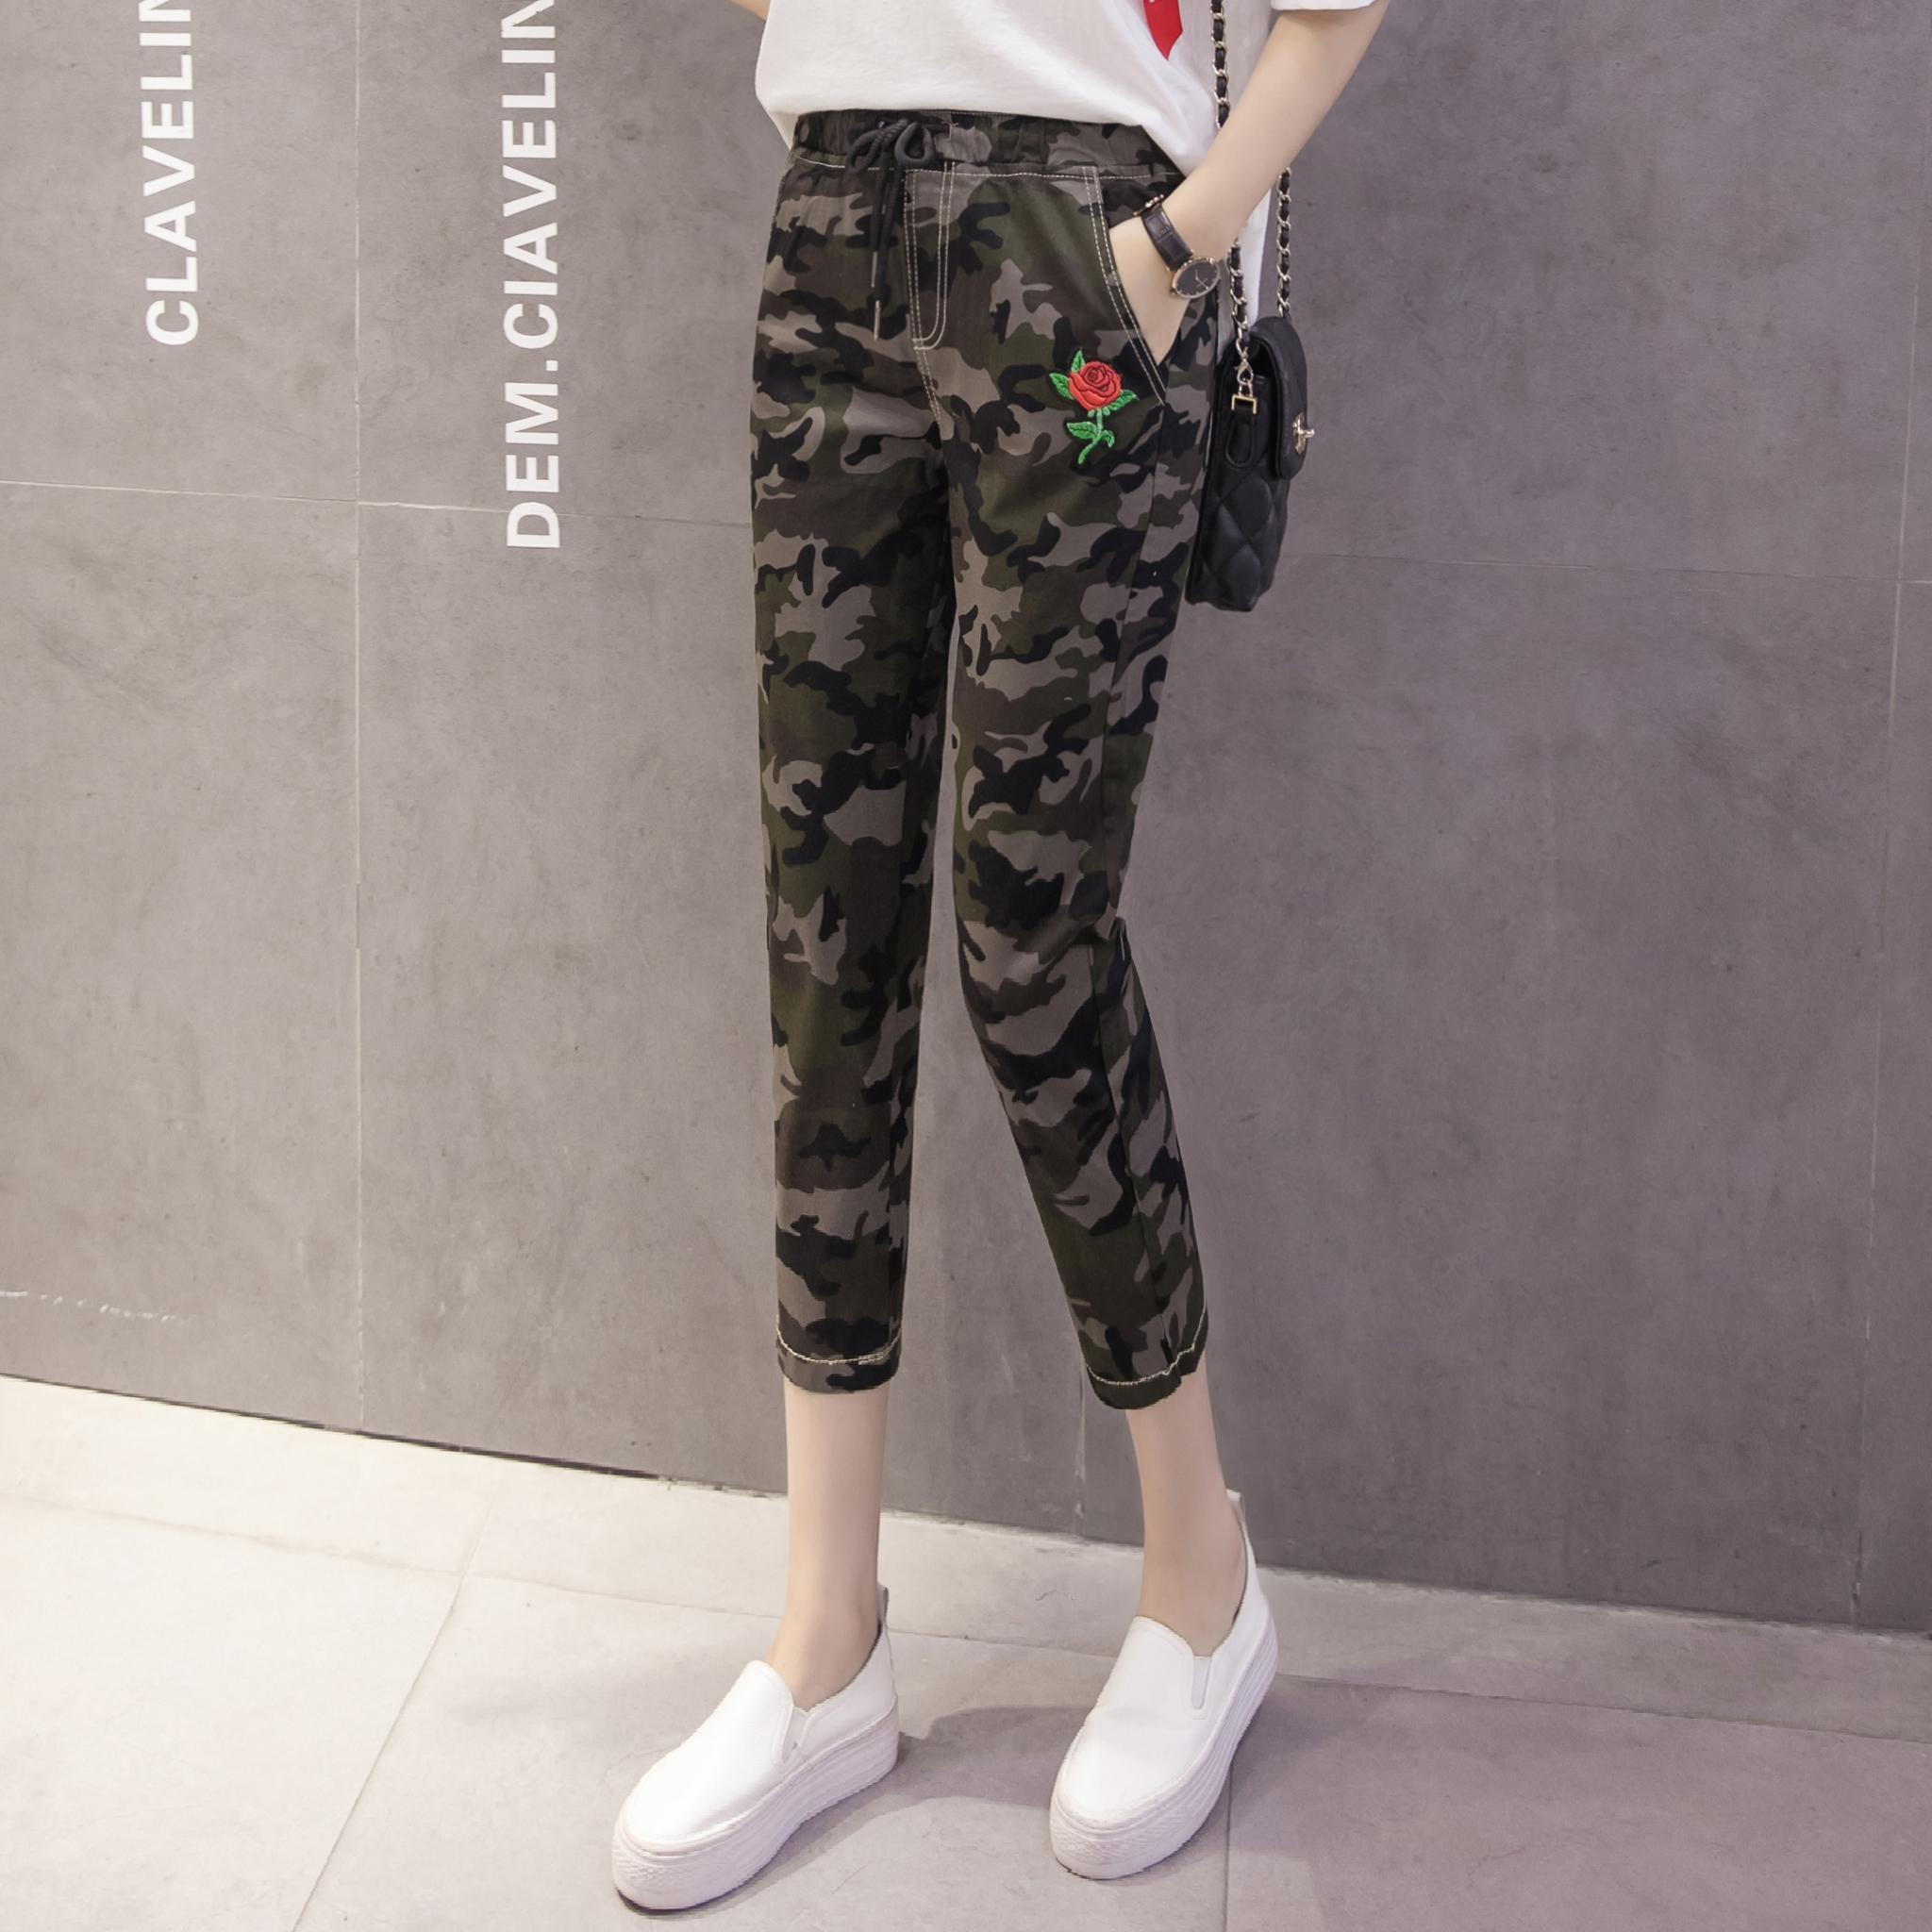 Mùa thu quần tây của phụ nữ đàn hồi eo đàn hồi camo quần quần giản dị là quần giữa mỏng mỏng phần 7 điểm ngụy trang quần ống rộng - Quần Harem